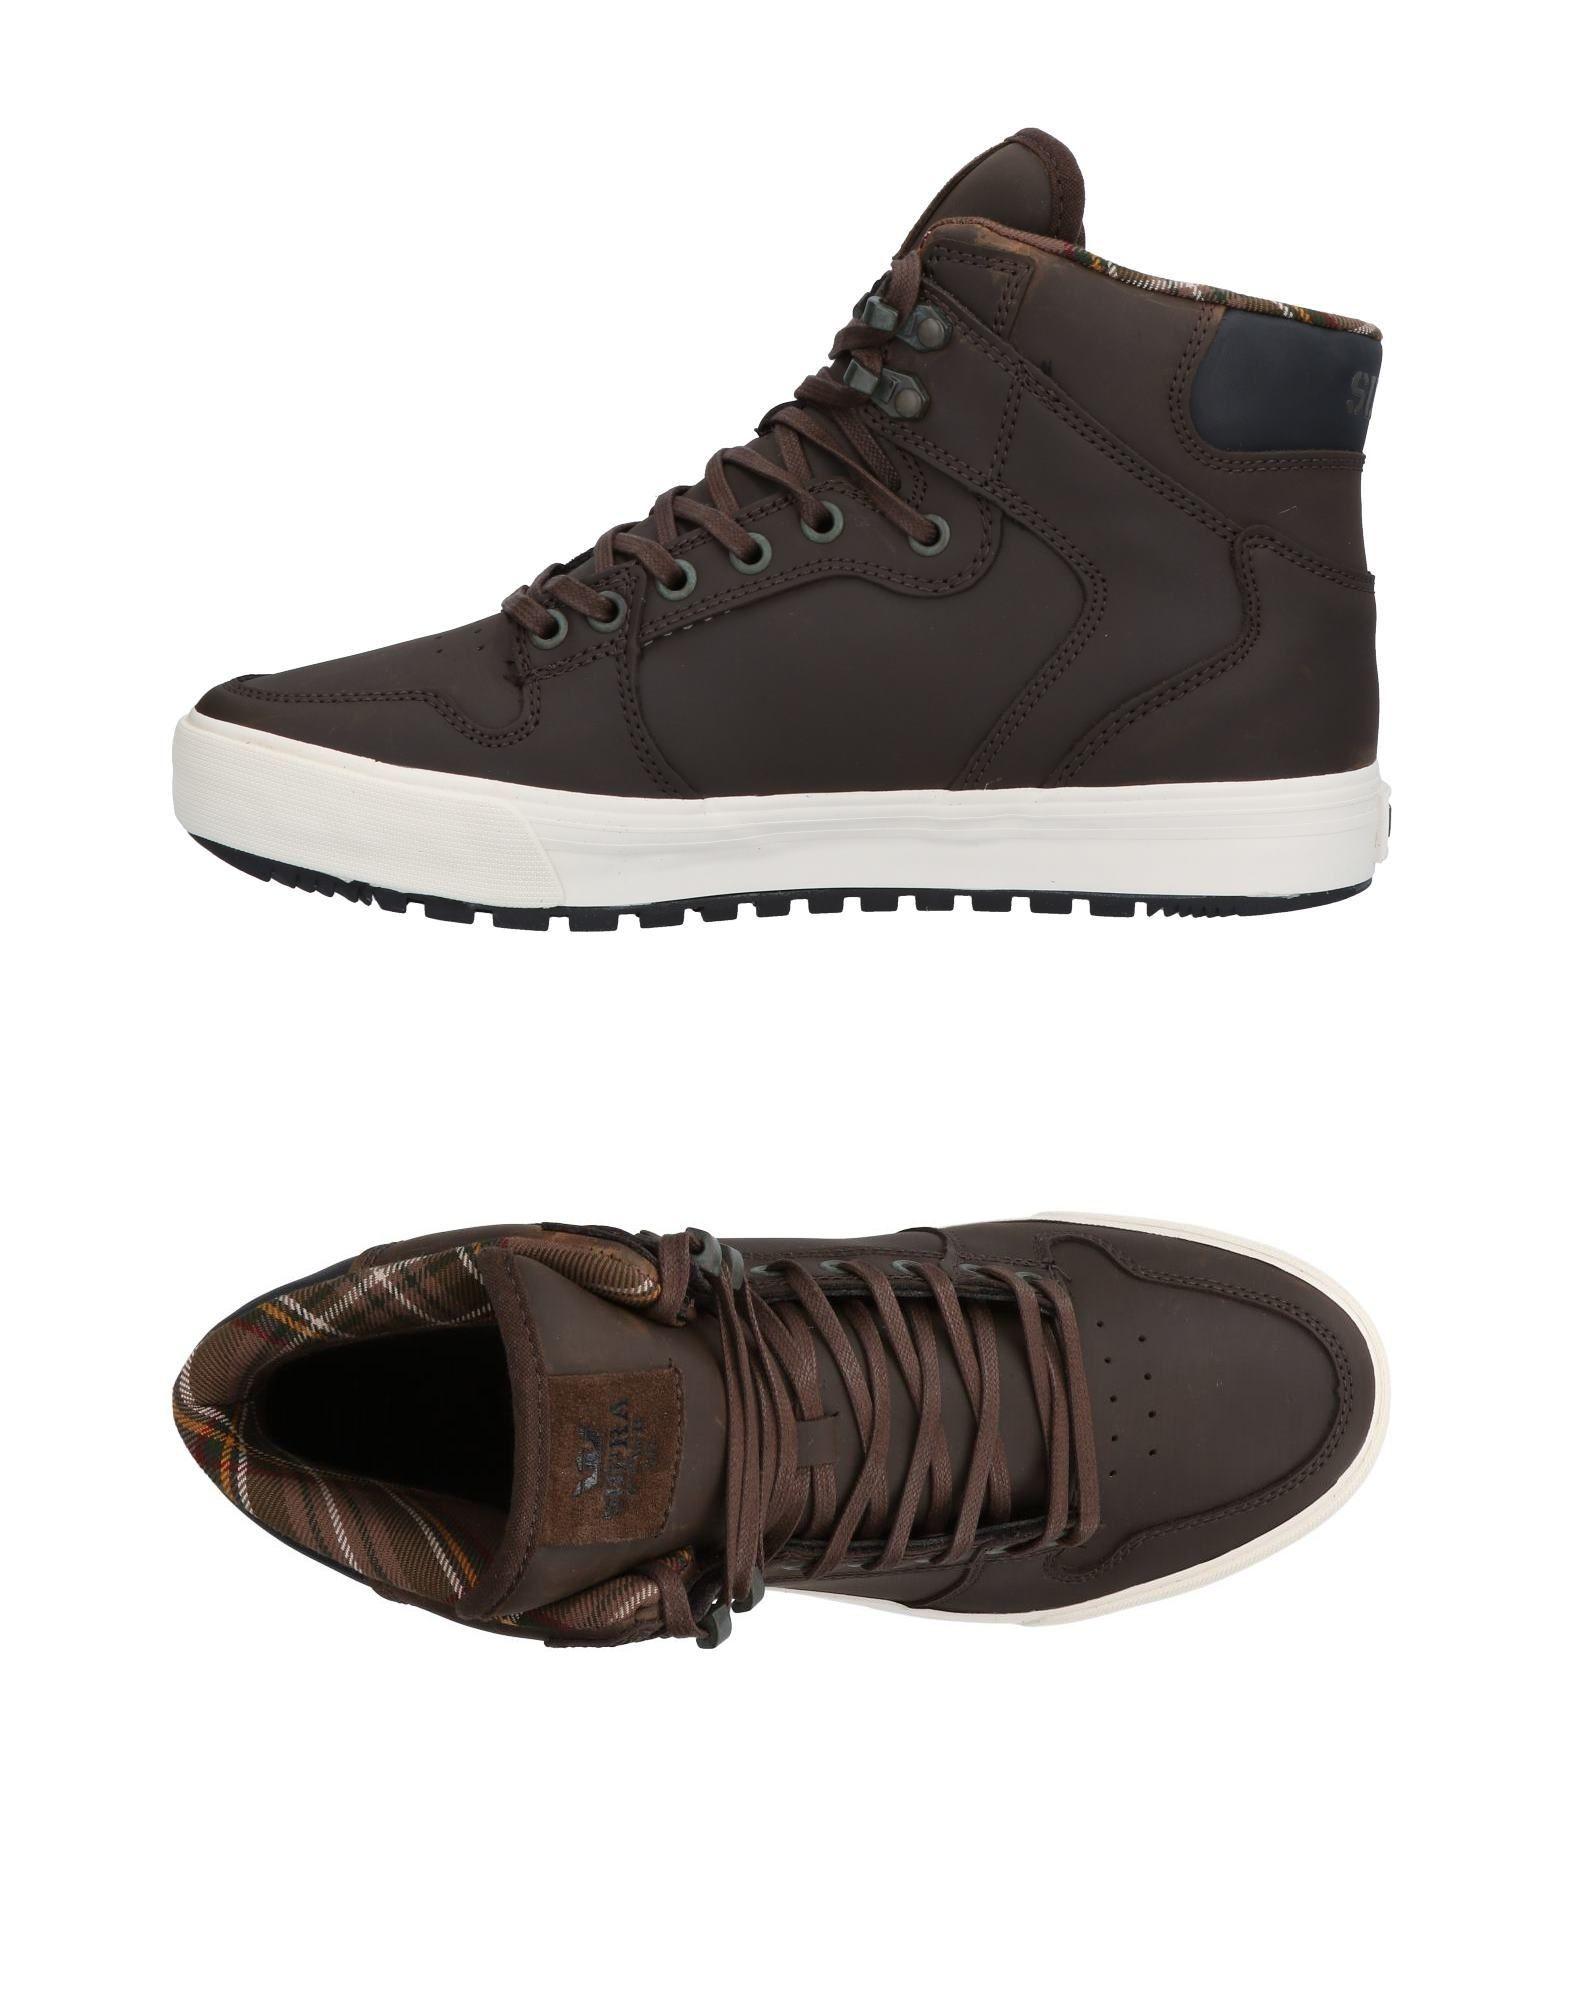 Rabatt echte Schuhe Supra Sneakers 11472016KS Herren  11472016KS Sneakers 47cf30